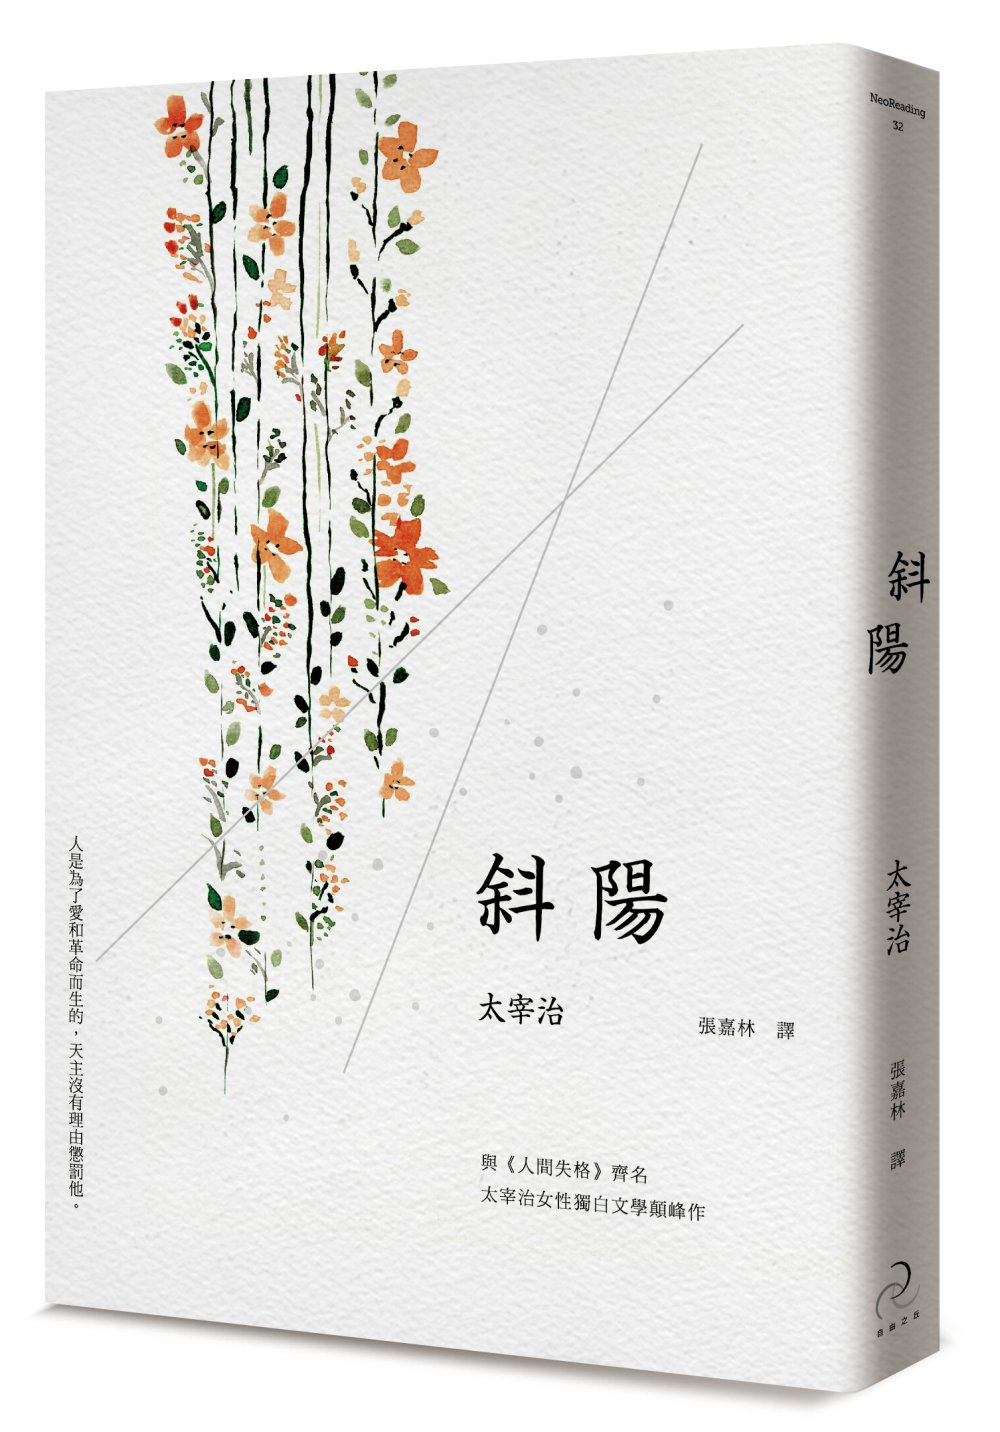 斜陽(太宰治女性獨白文學顛峰作,或愛與革命已完成)